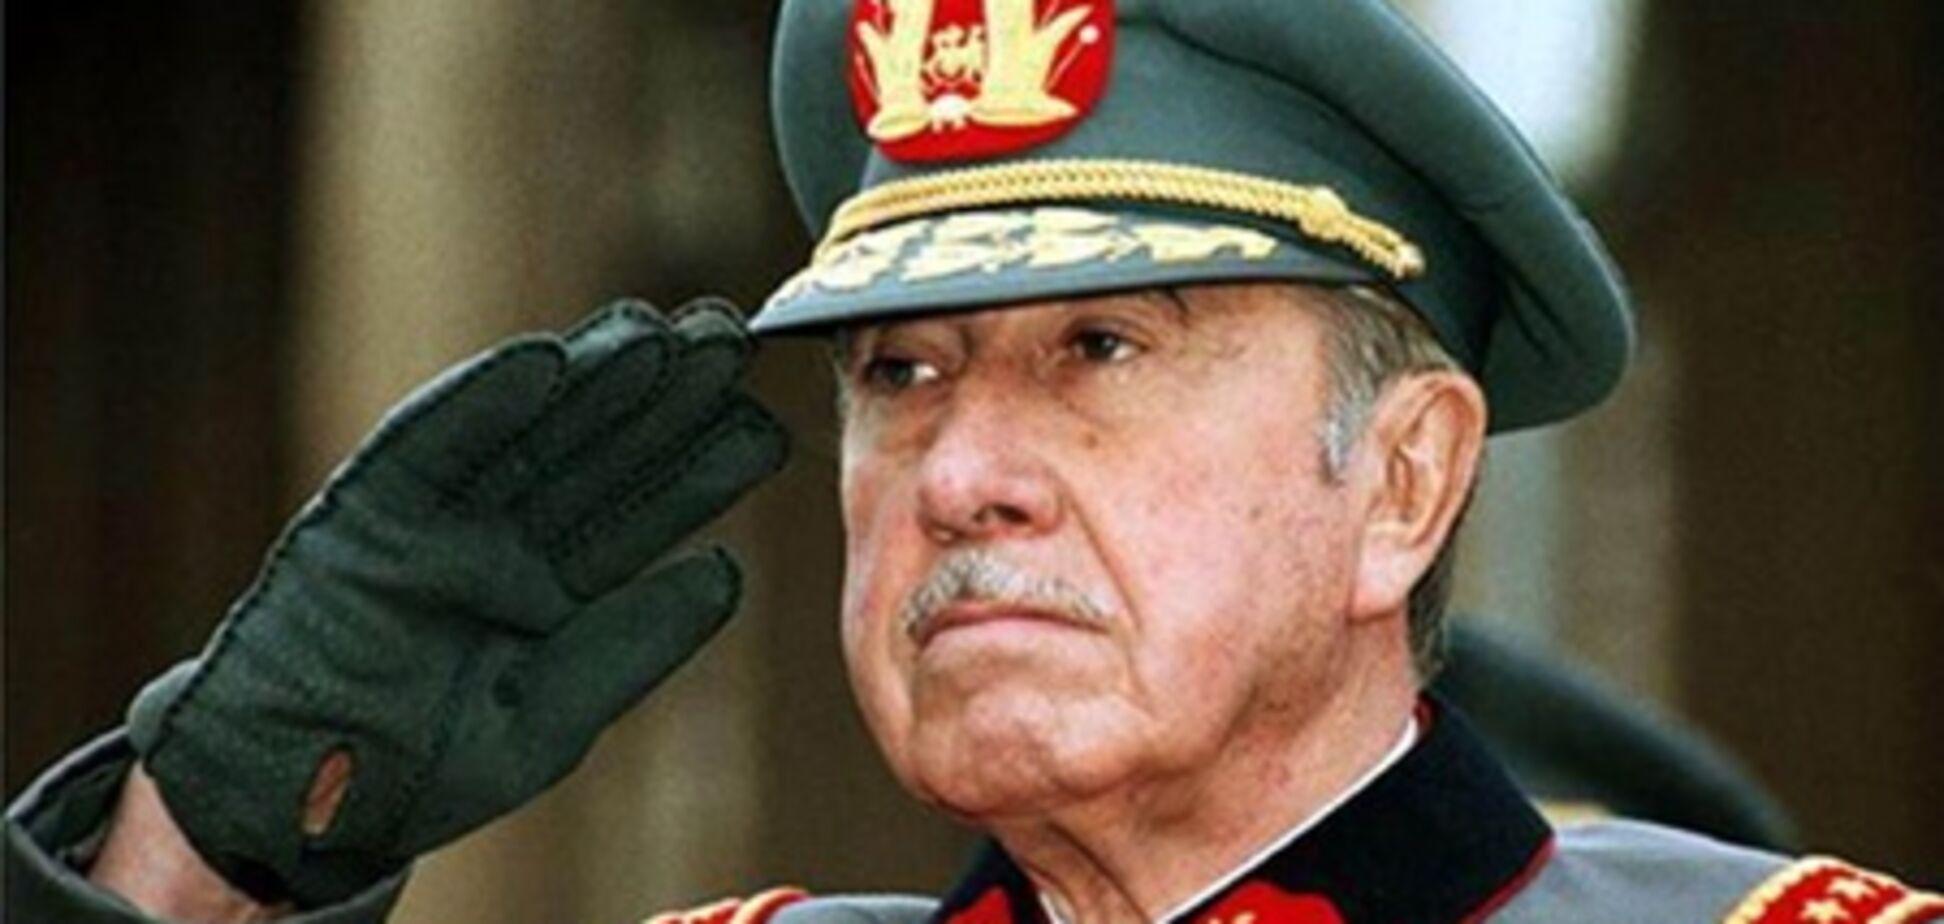 Скандал в Чилі: у підручниках з історії Піночета більше не вважають диктатором